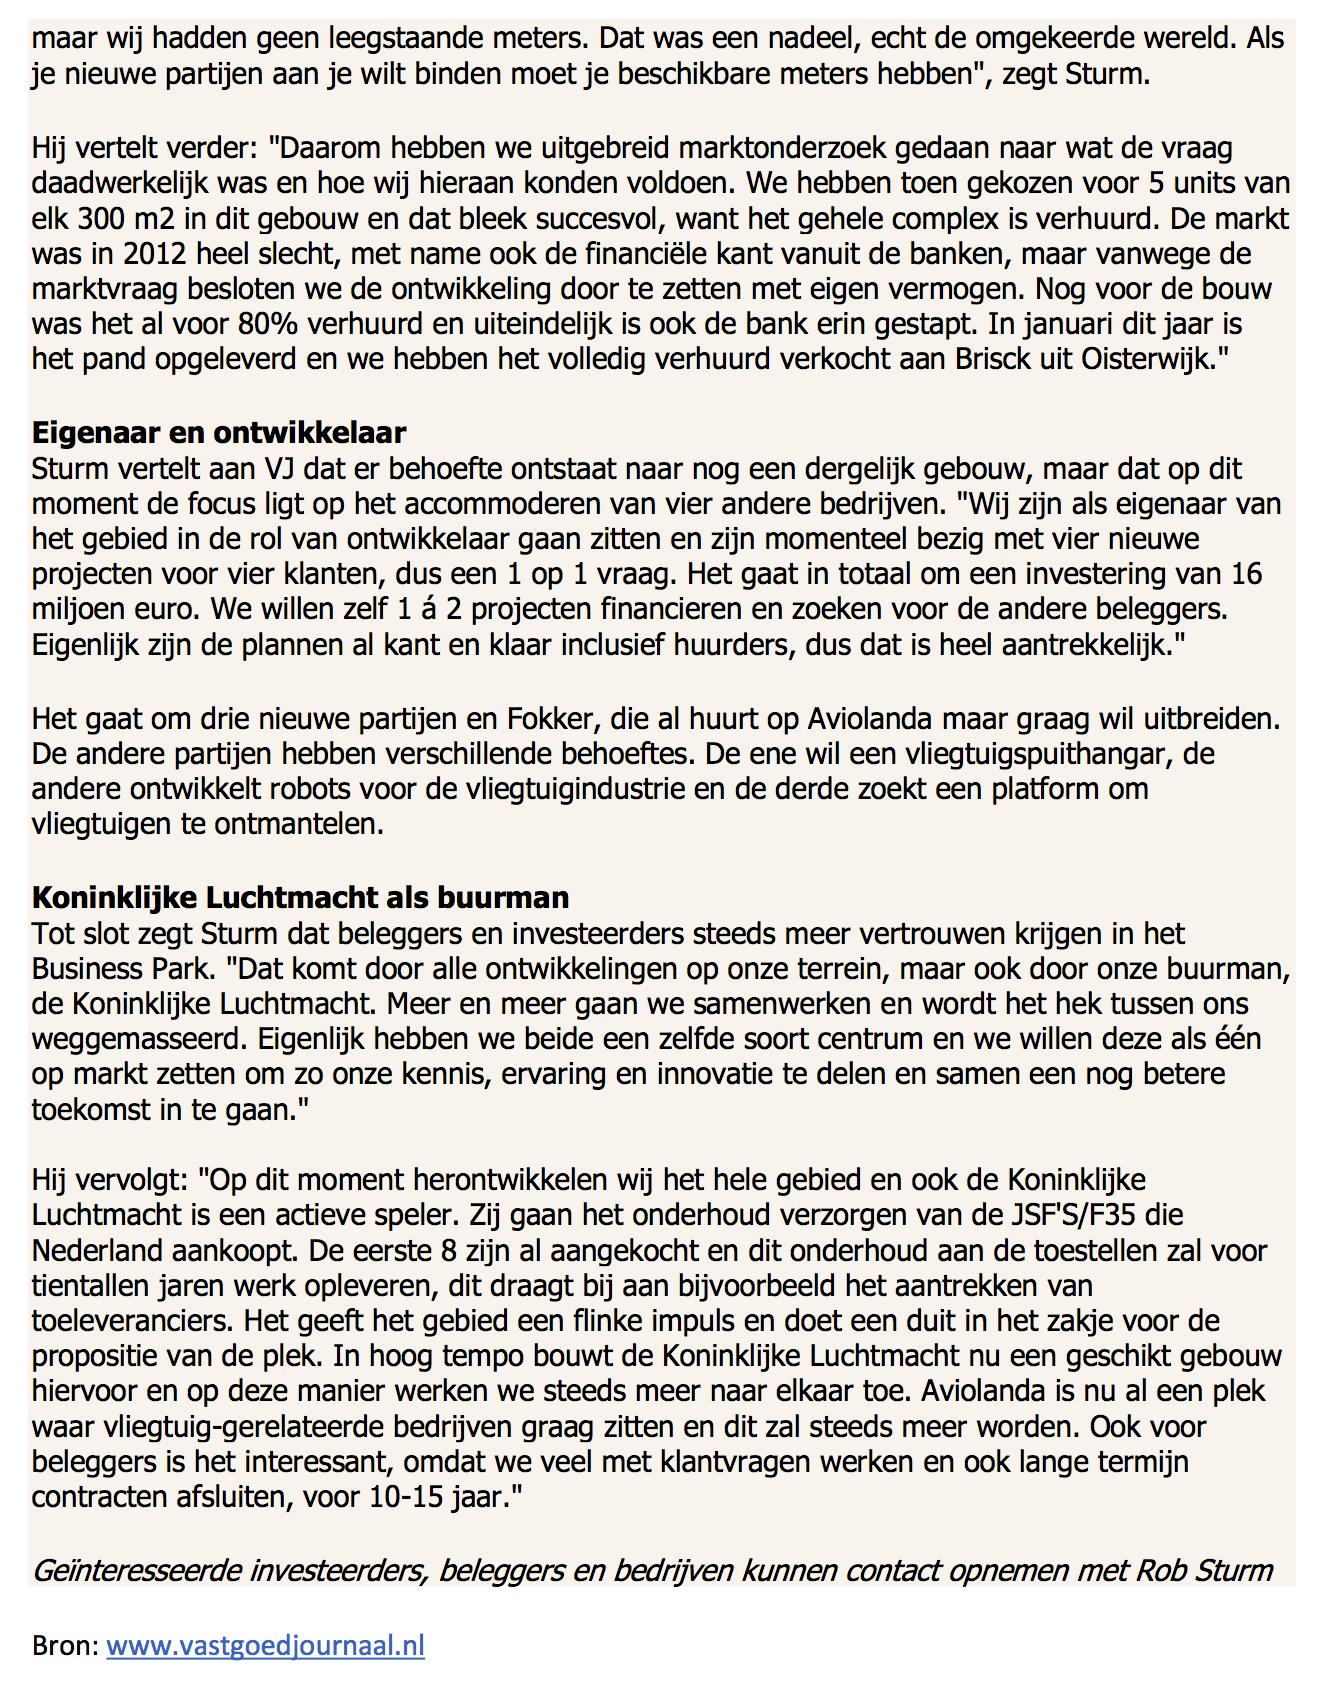 Aviolanda artikel 08-05-2015(2)